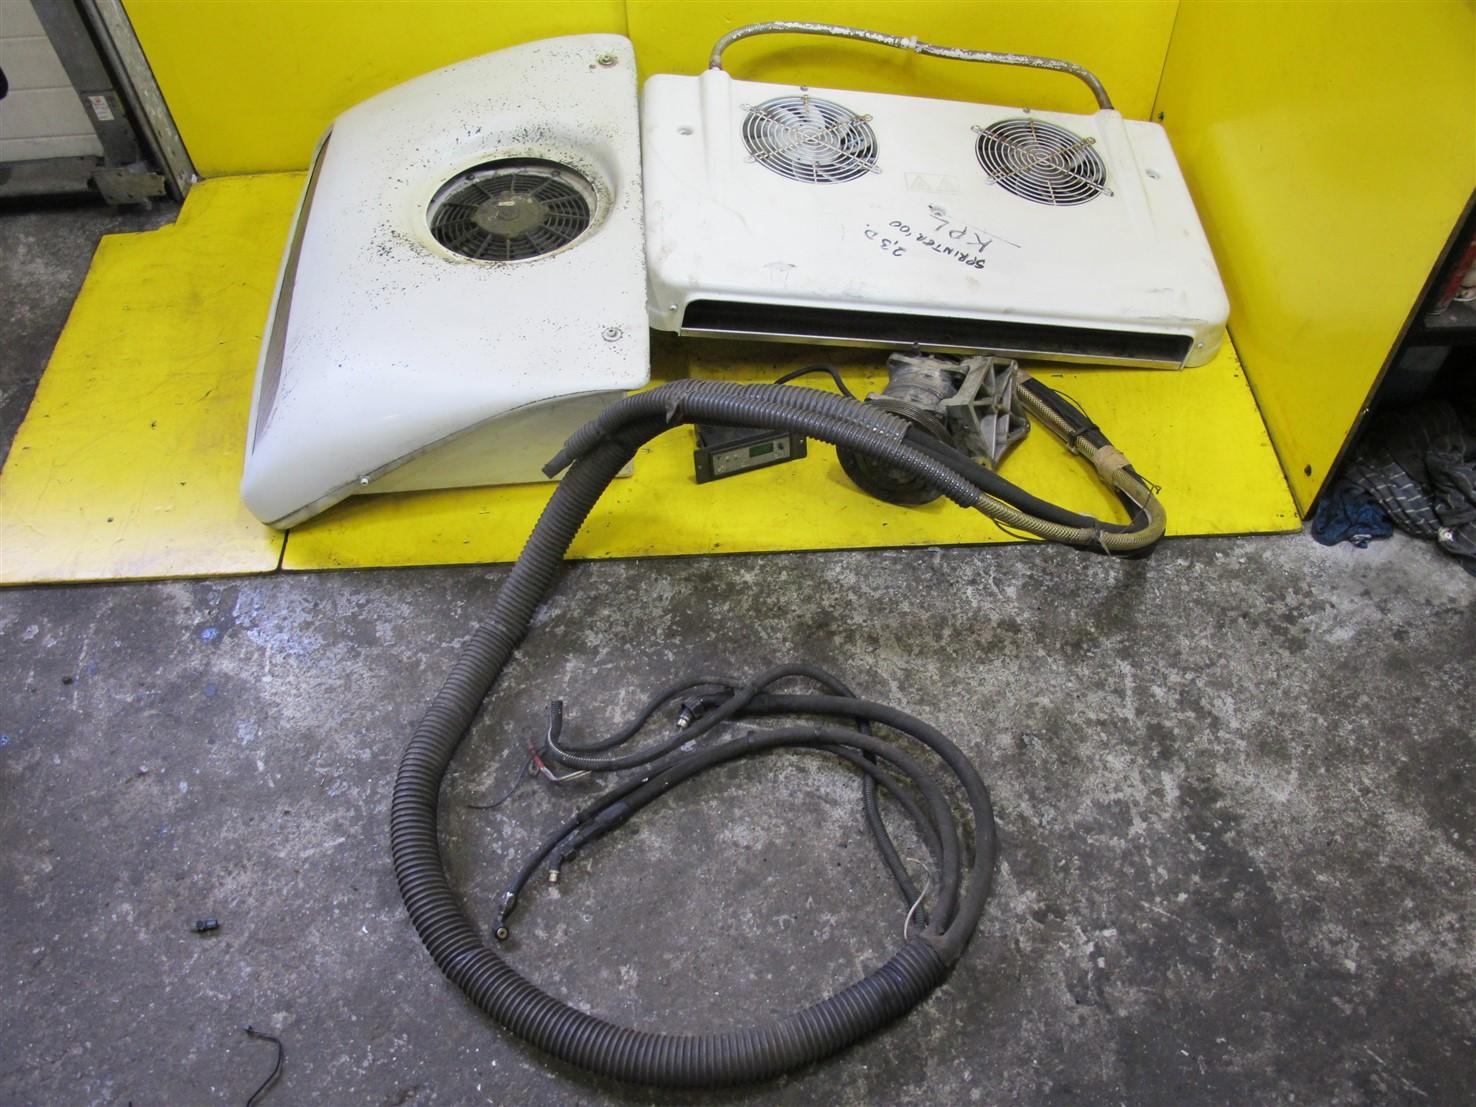 приводимый в действие рефрижератор термо кинг-сайз